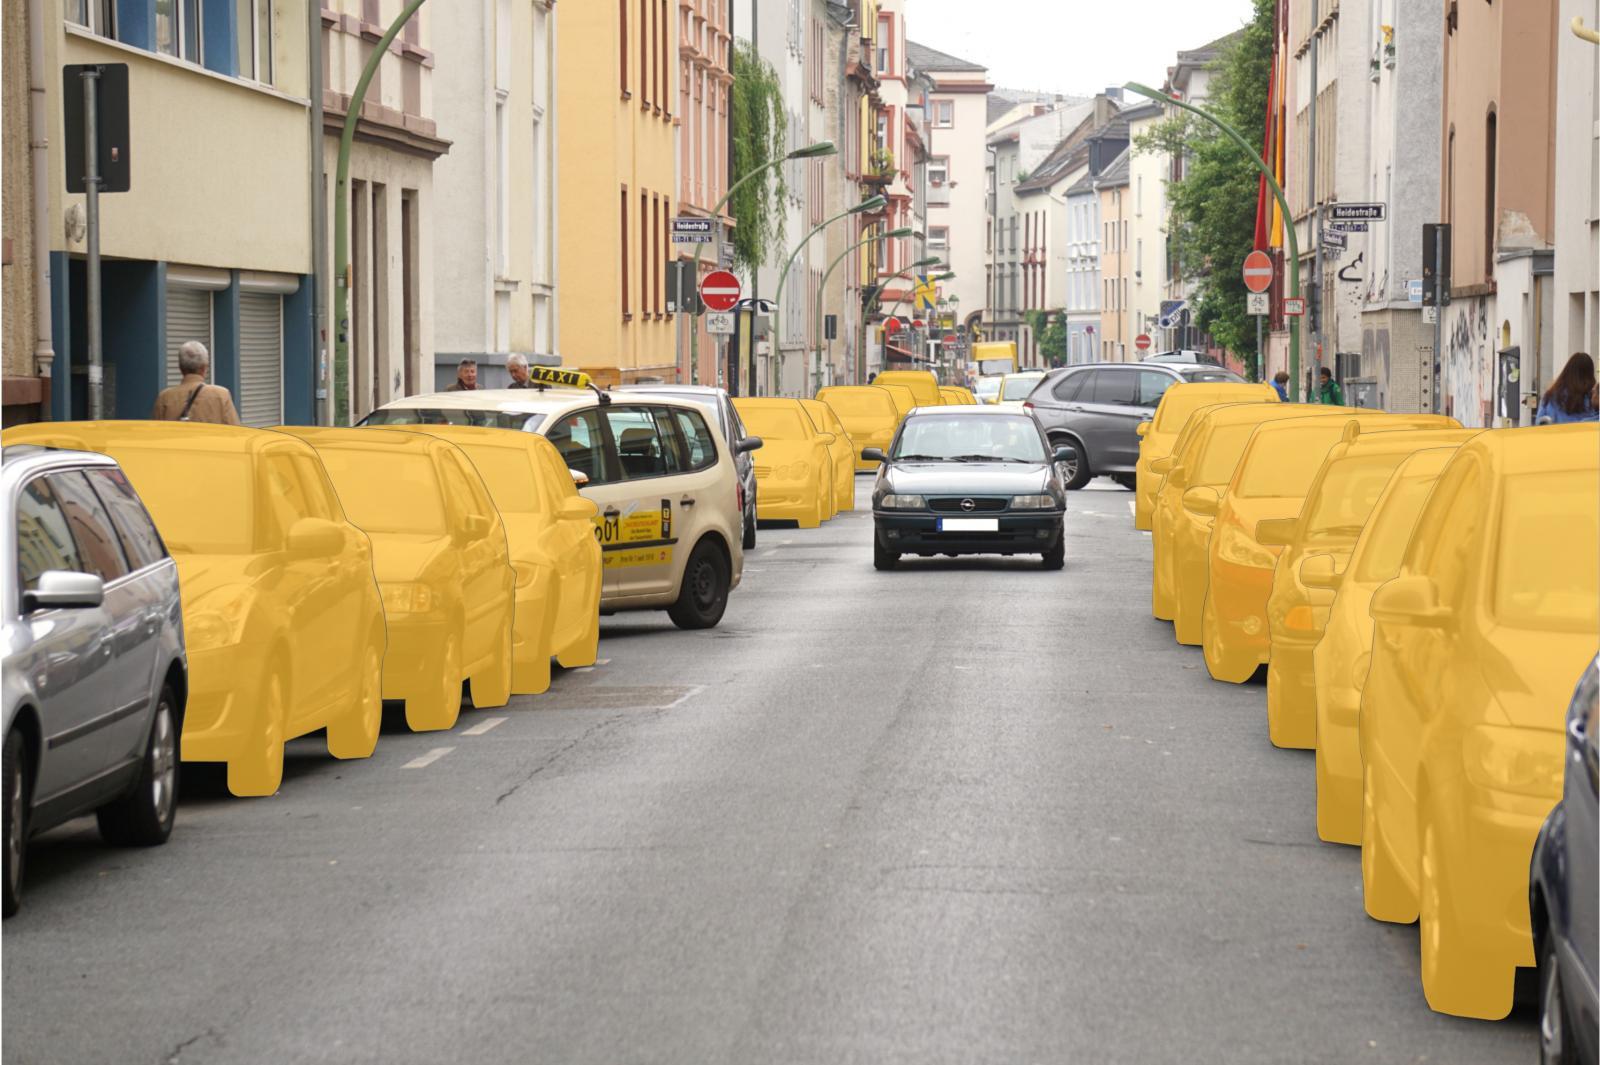 Ein CarSharing-Fahrzeug ersetzt bis zu 20 private Pkw - und macht so bis zu 19 Parkplätze frei (Foto: bcs)